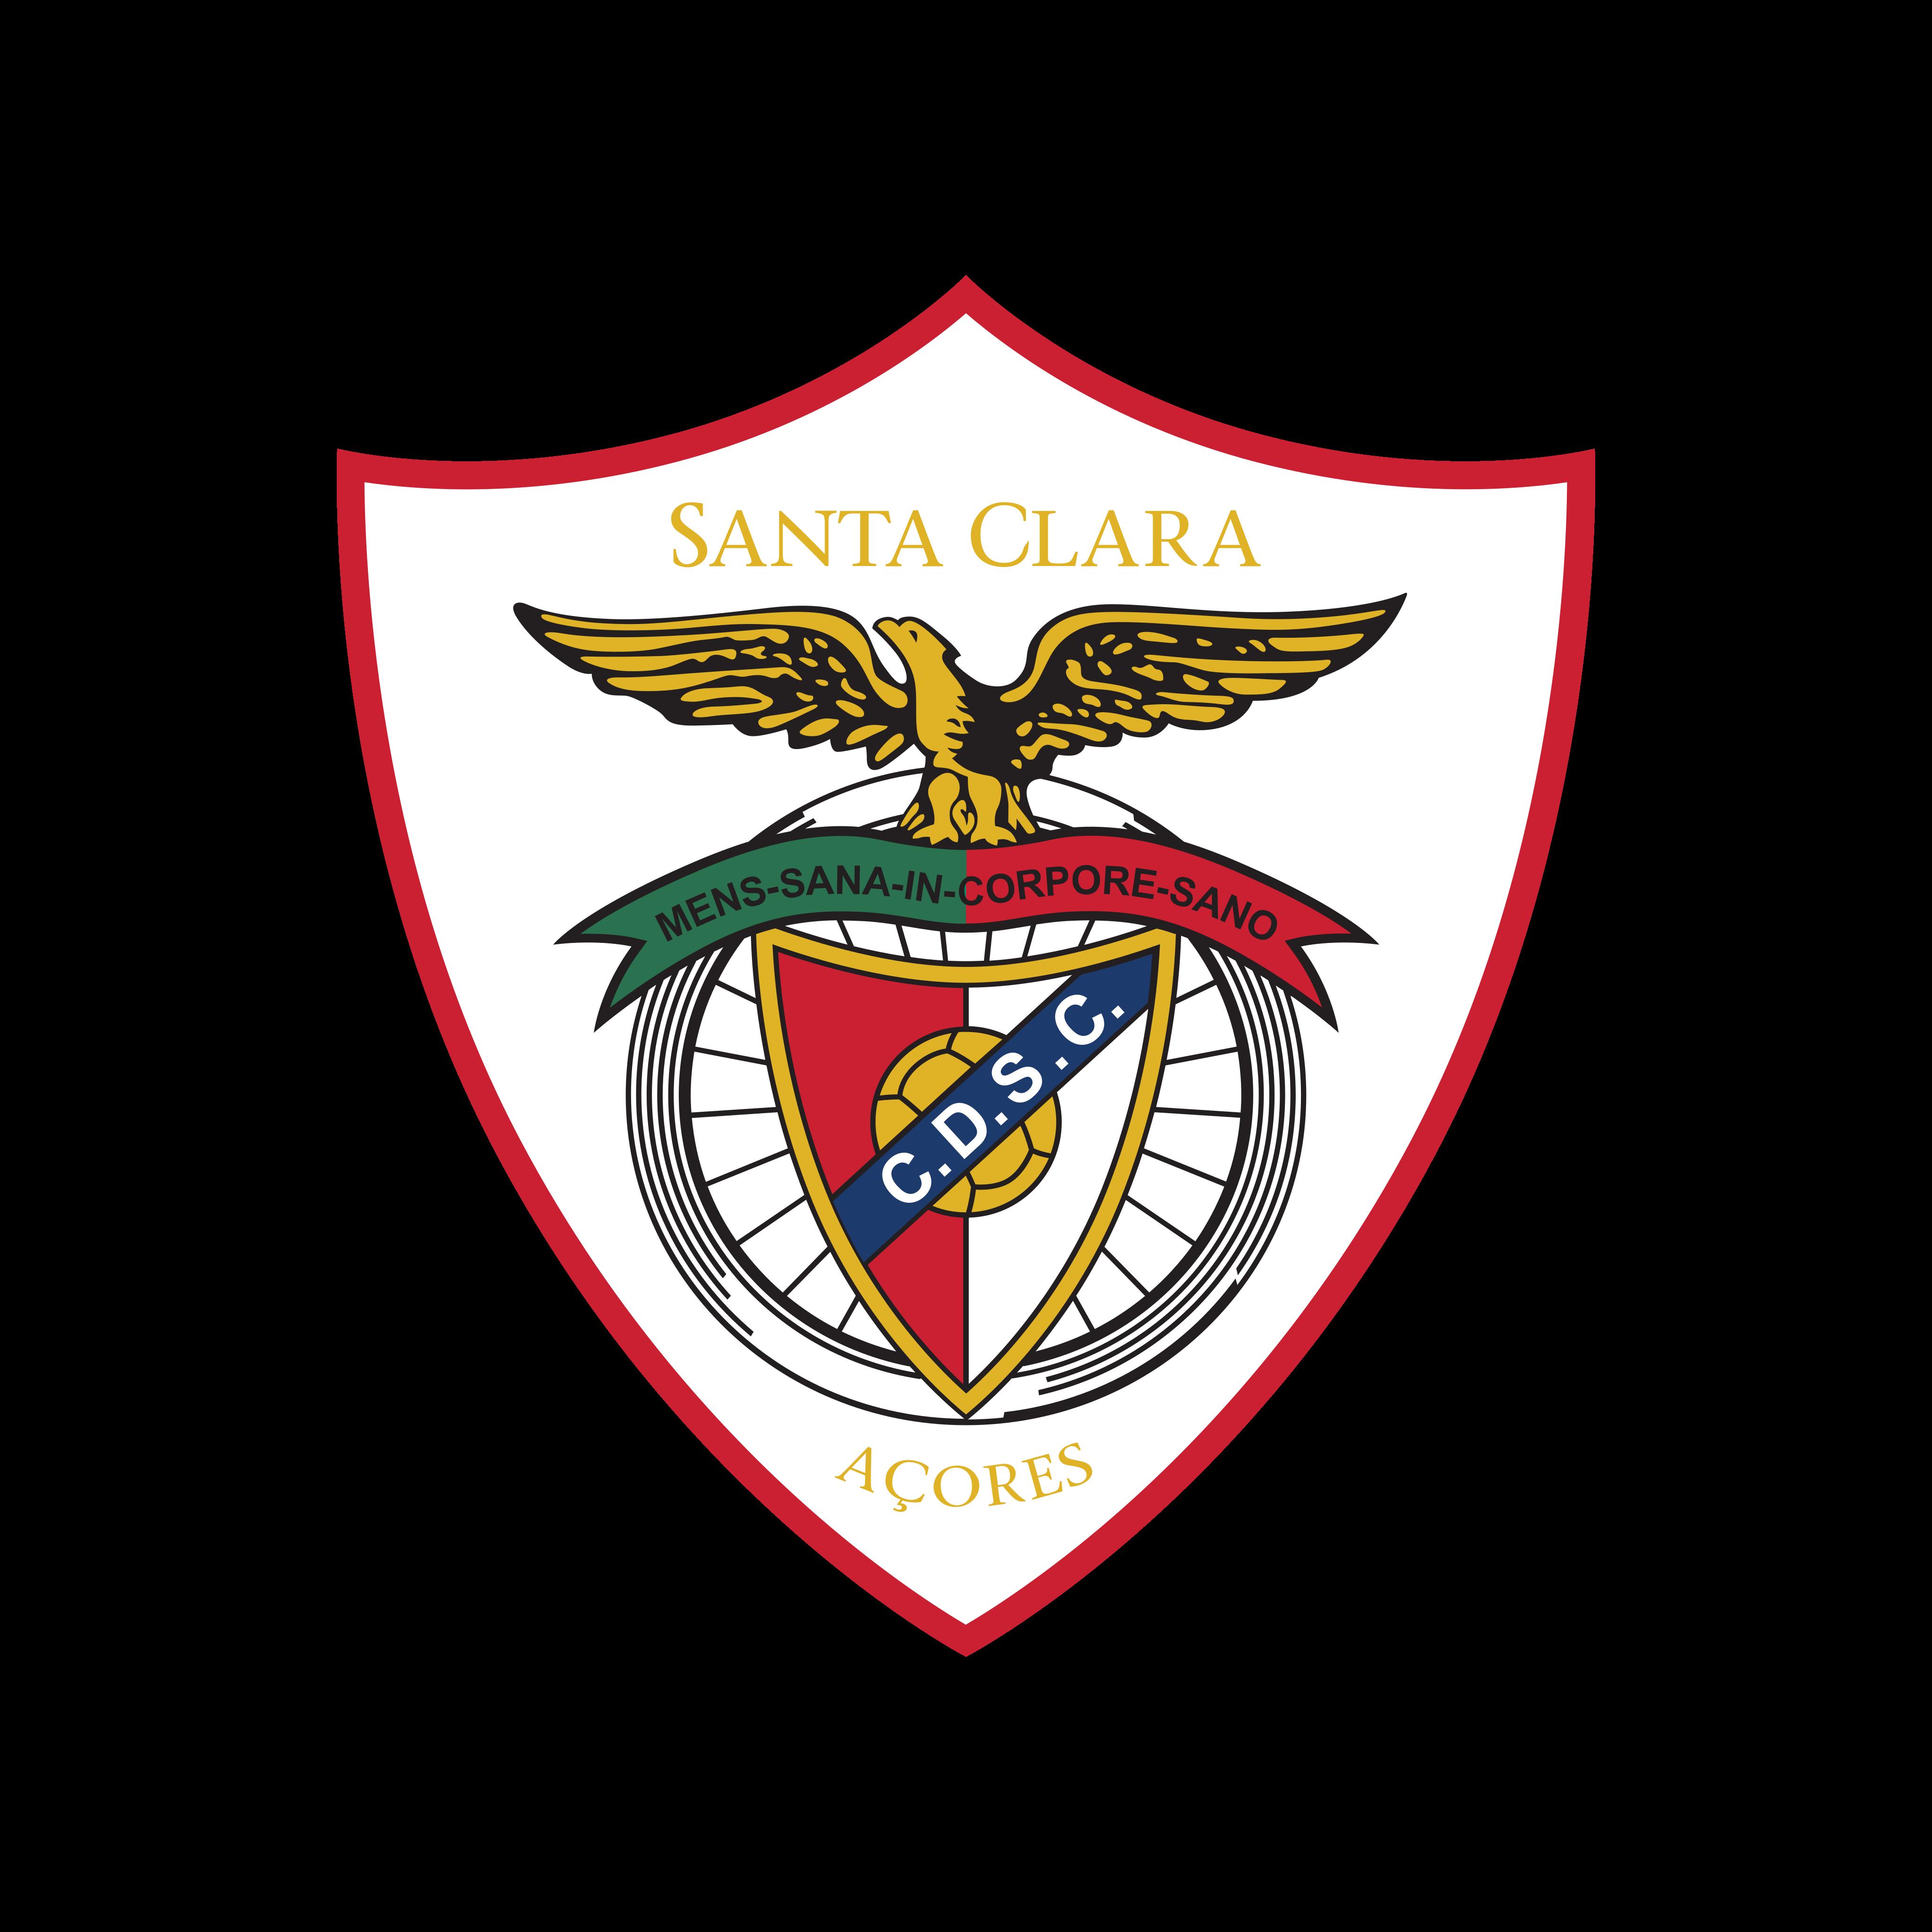 santa clara fc logo 0 - Santa Clara Logo